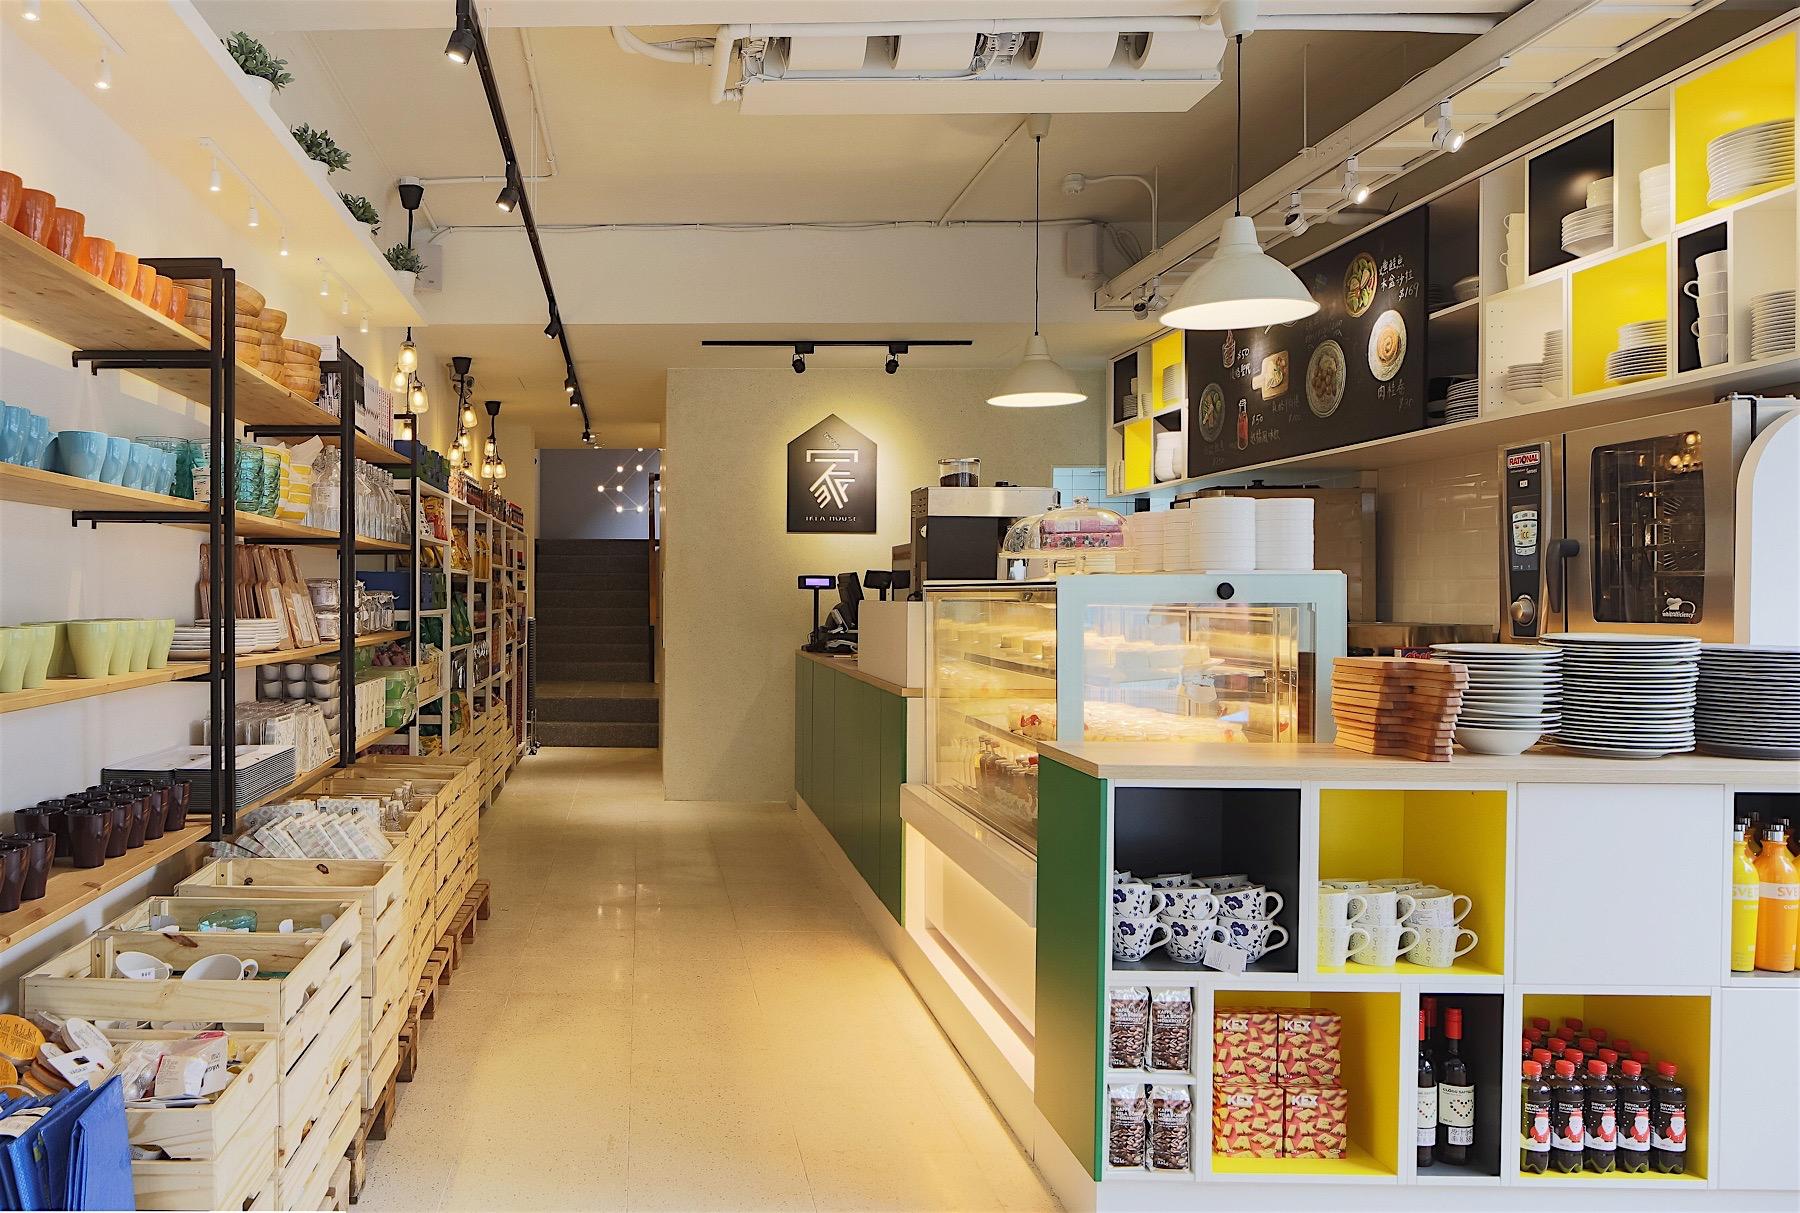 【1樓IKEA FIKA 瑞典美食】首度在賣場外推出獨立IKEA FIKA,提供瑞典美食餐飲及販售精選家飾商品。